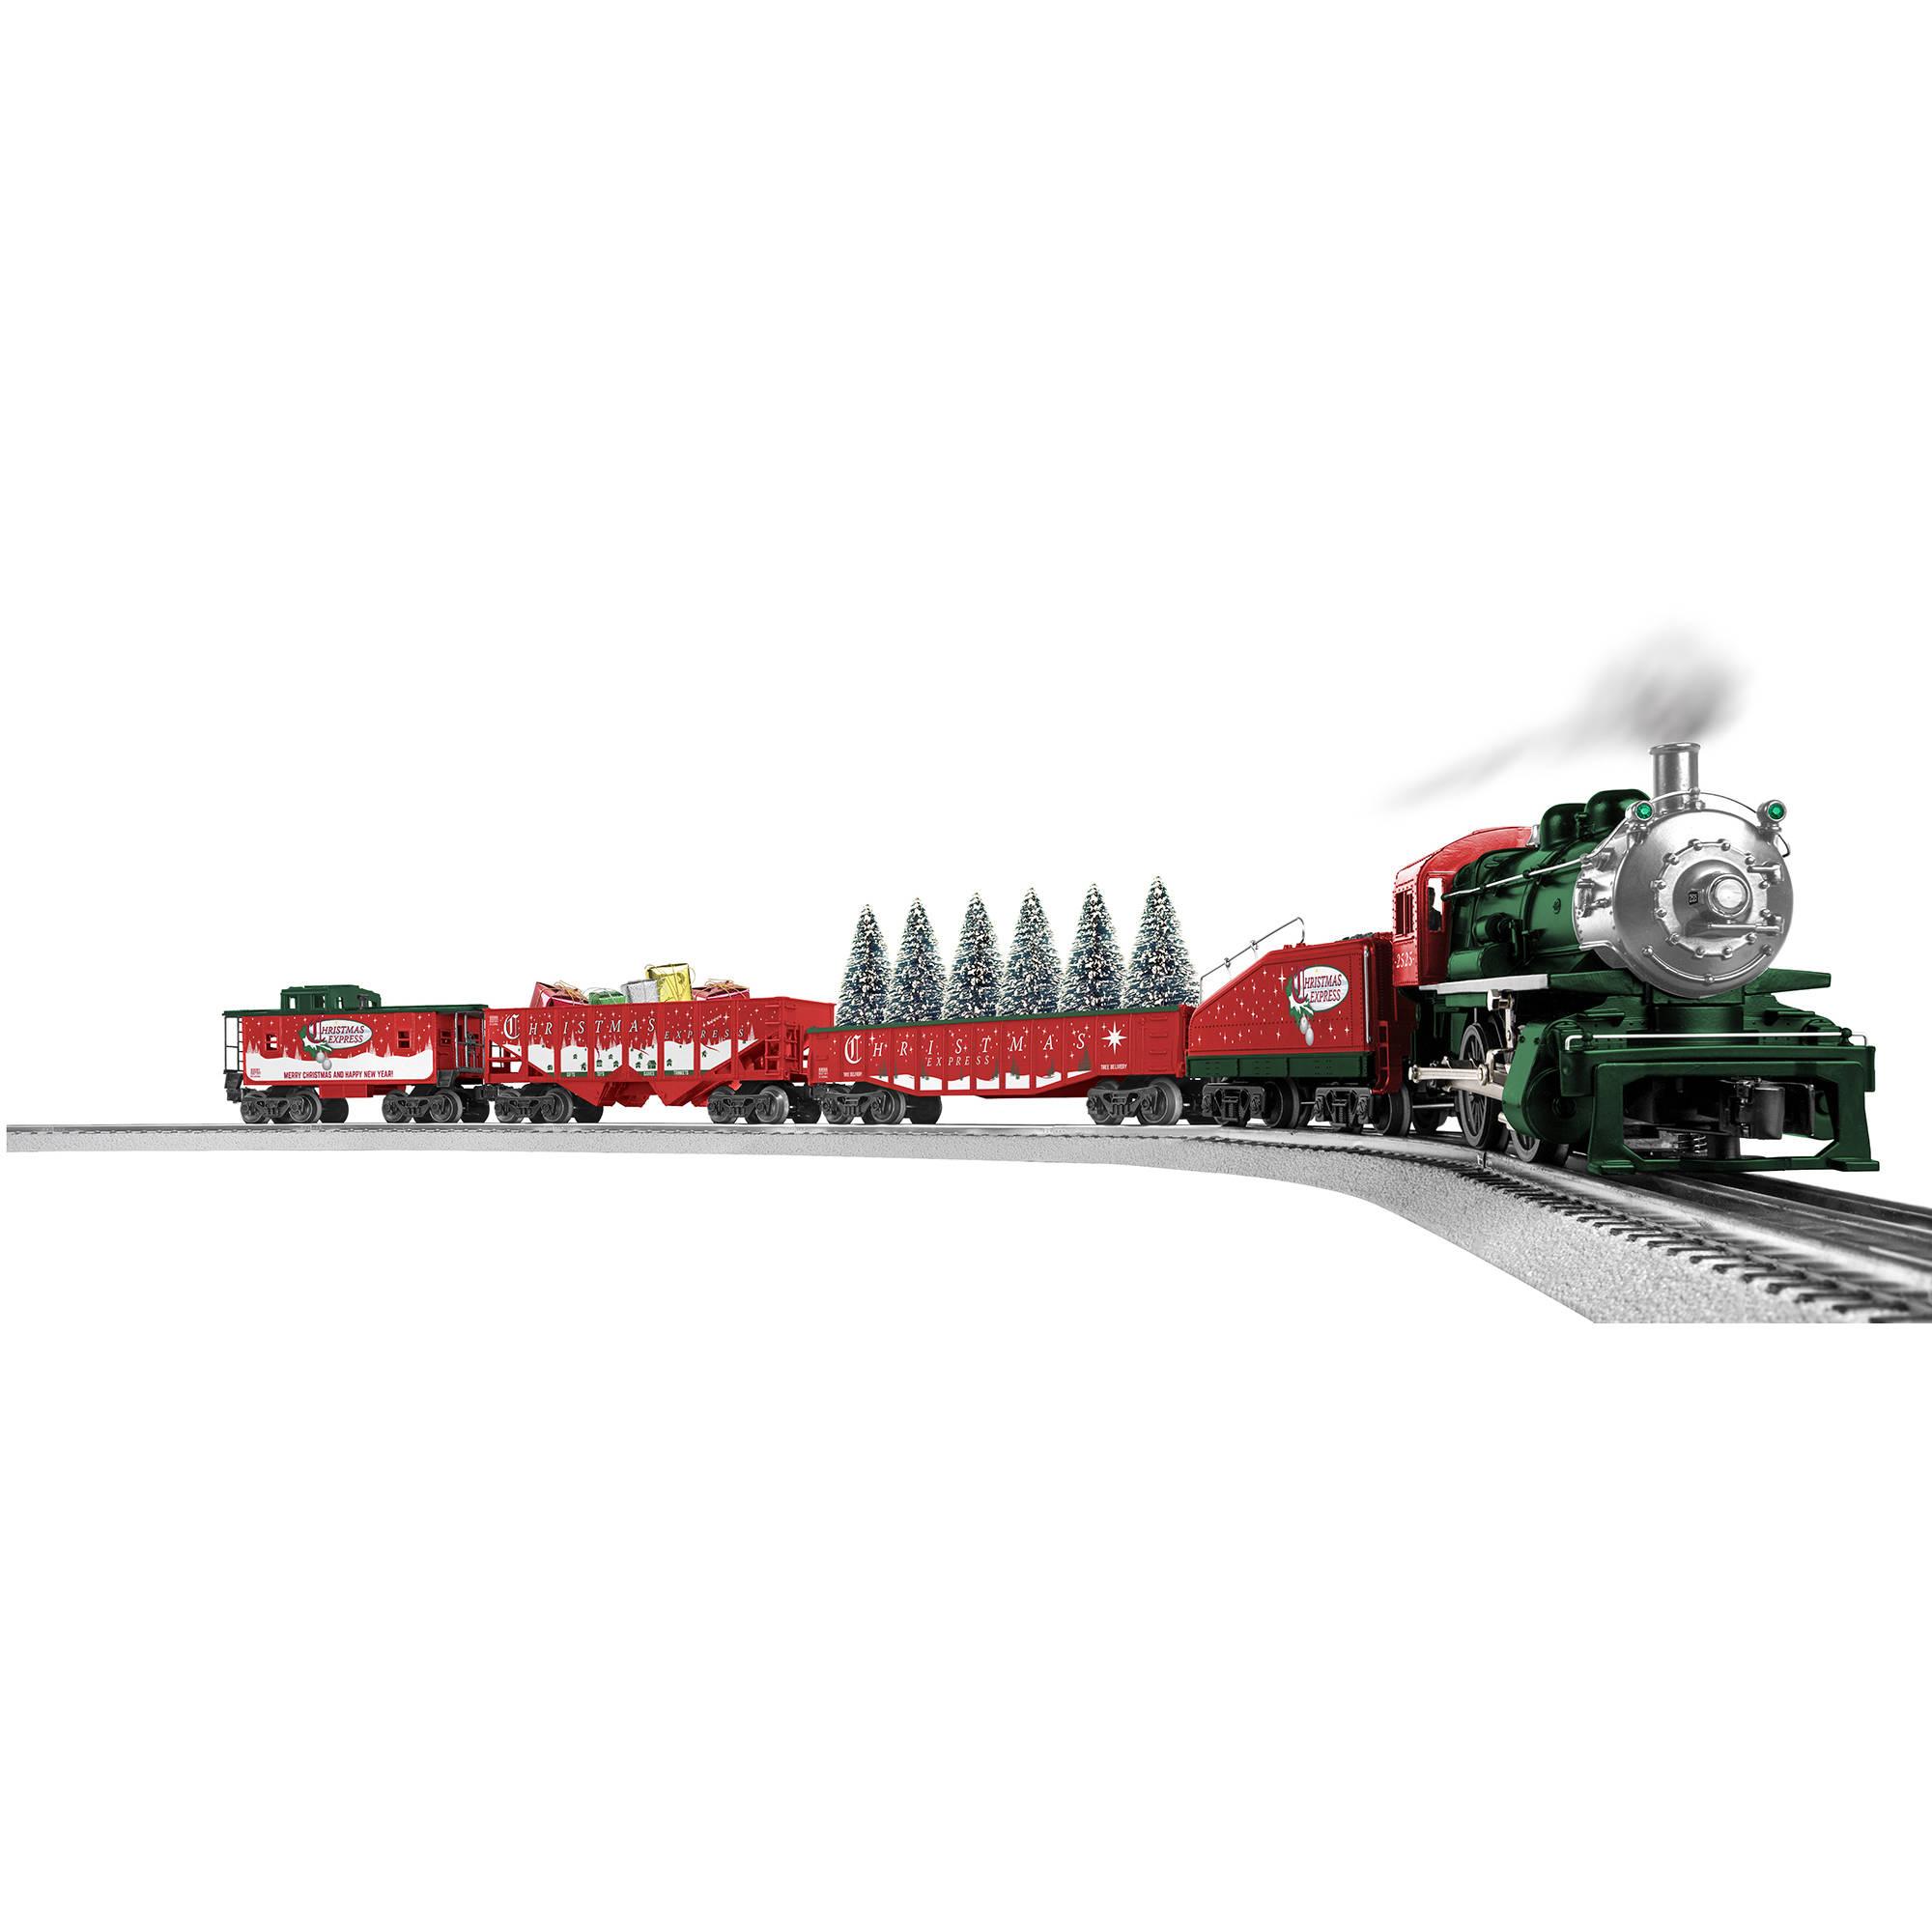 Lionel Trains The Christmas Express LionChief Set